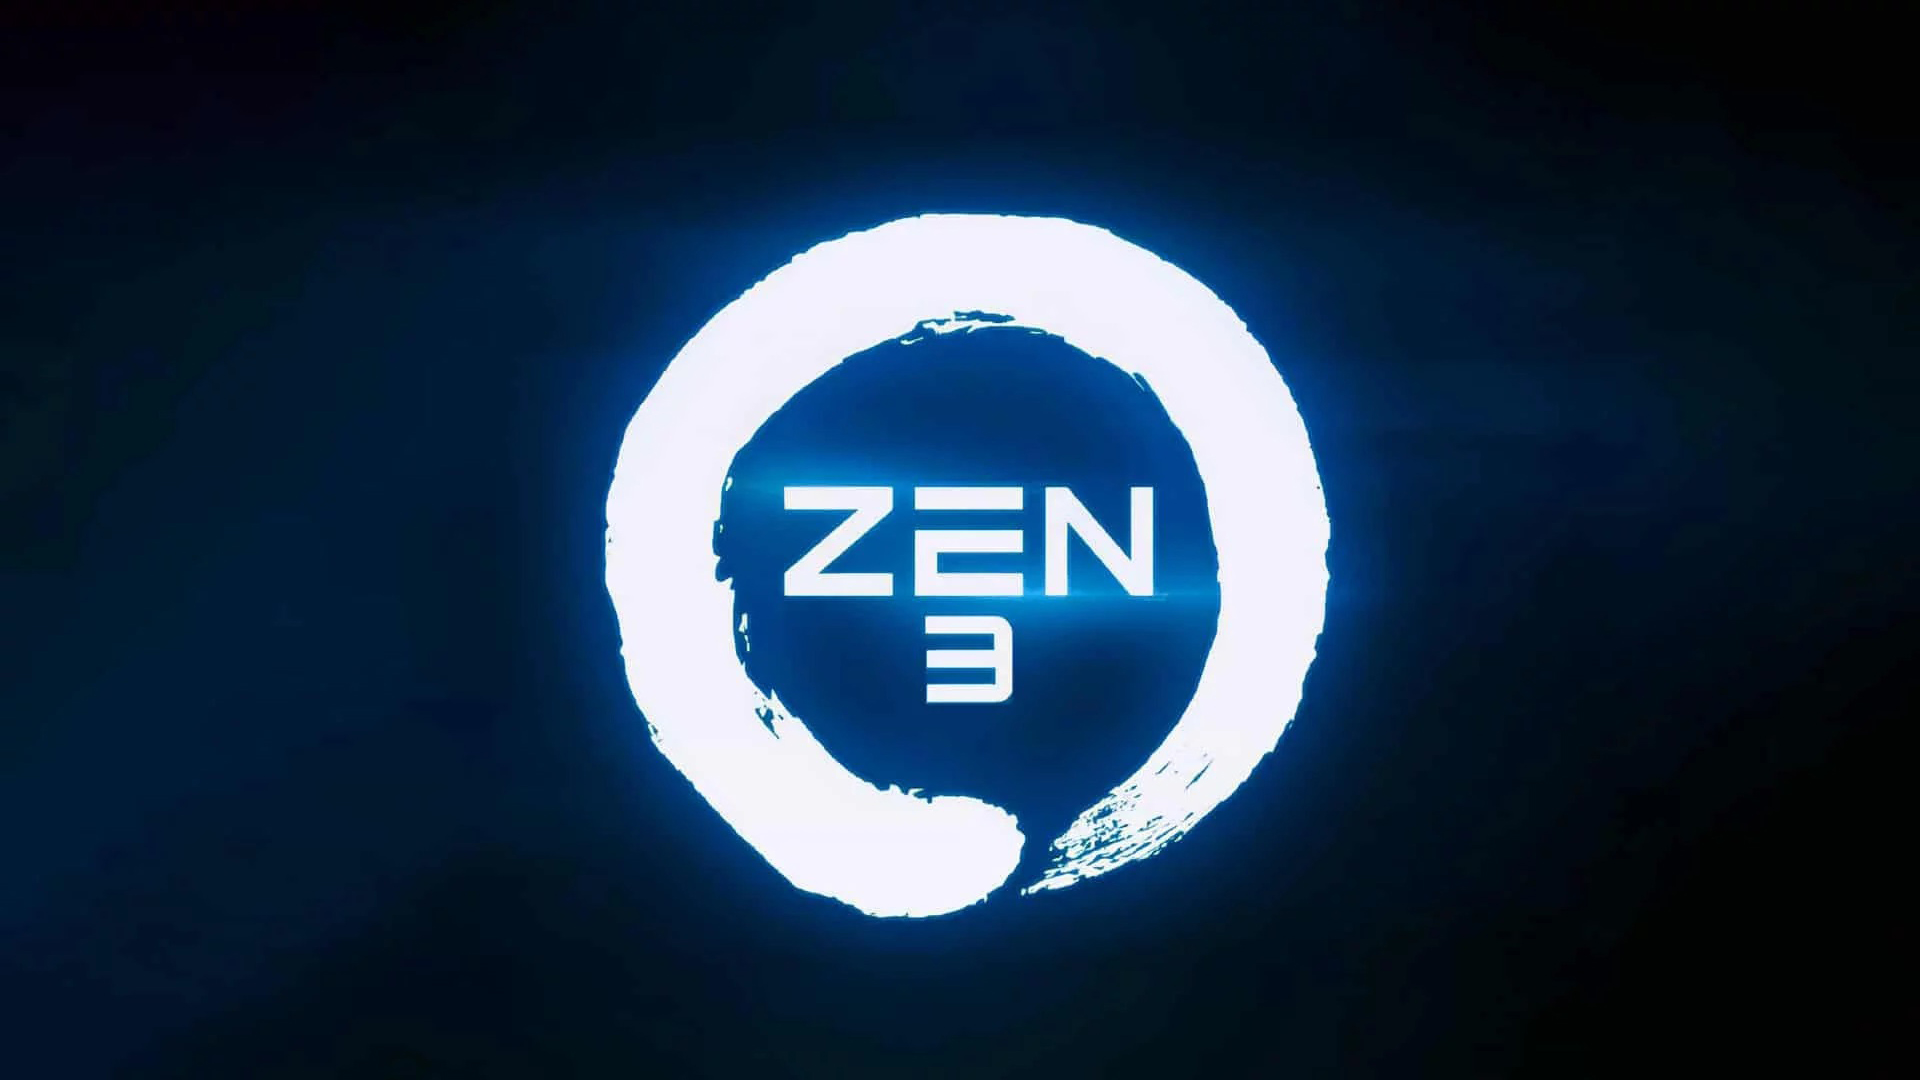 معالجات AMD Ryzen 5000 قد تكون معرضة لمخاطر مثل Specter !!